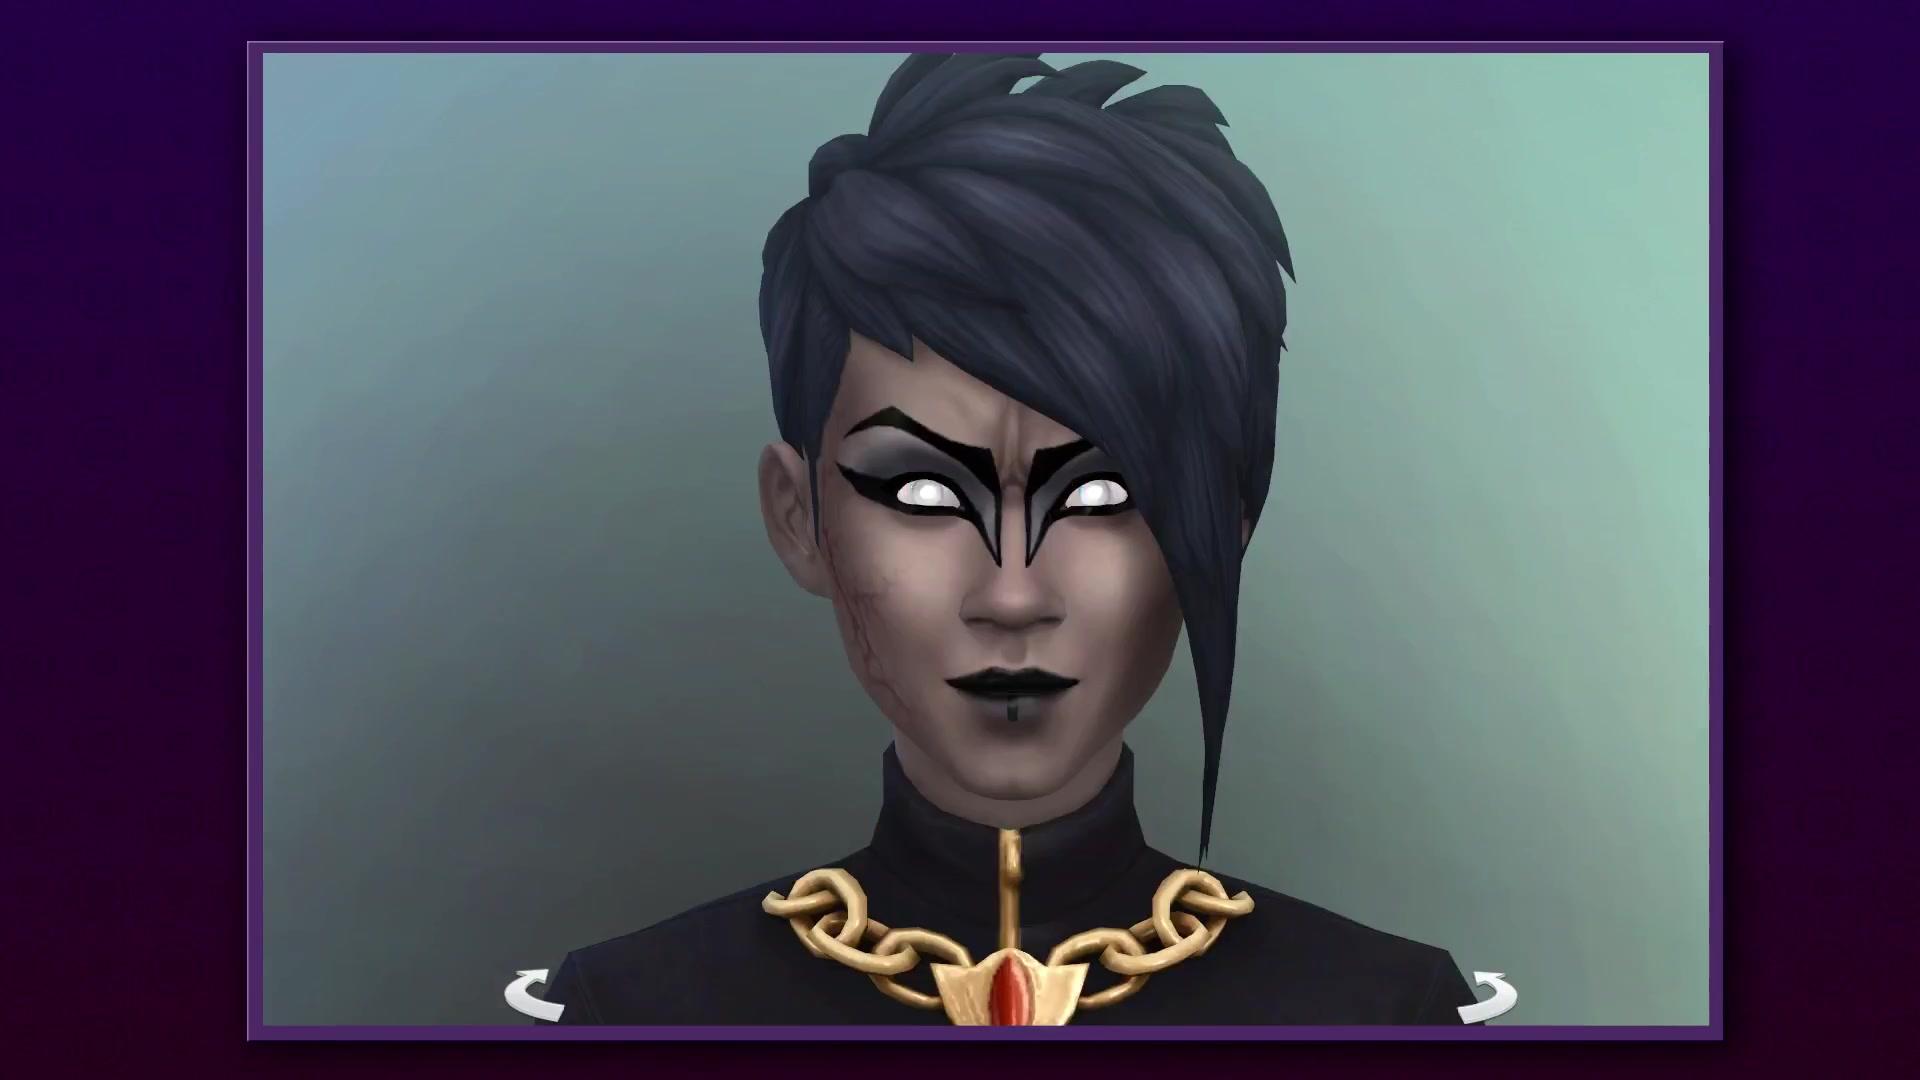 Výsledek obrázku pro the sims 4 vampires